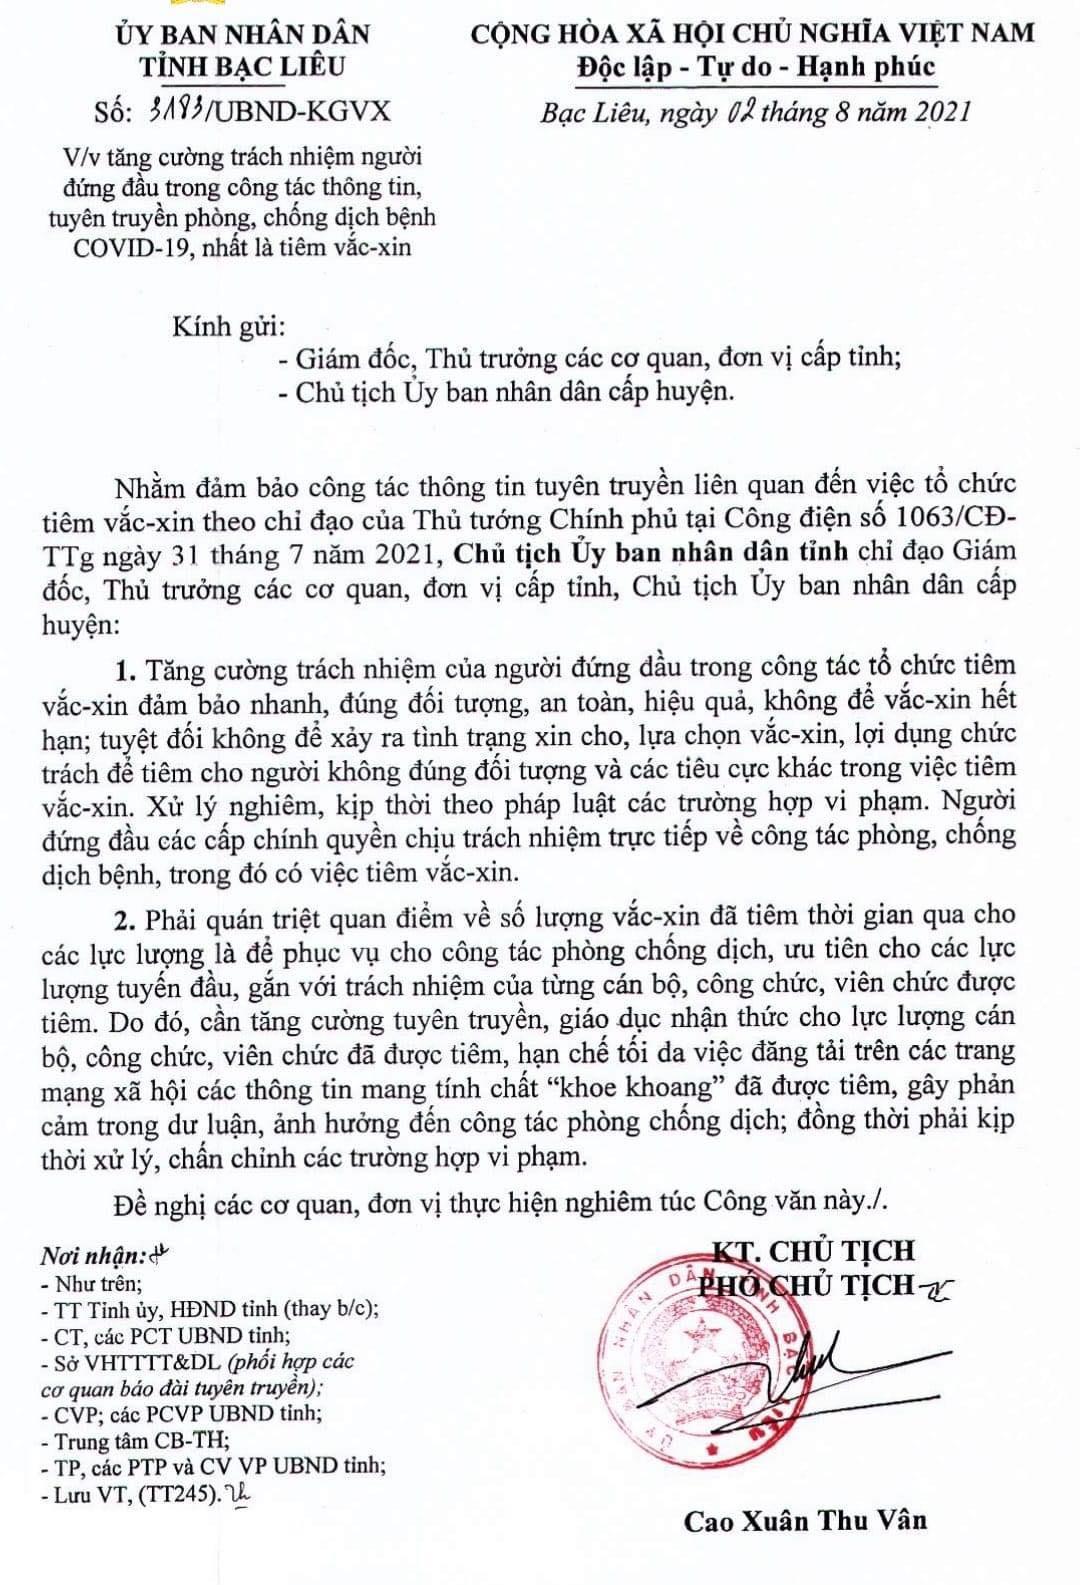 Công văn của tỉnh Bạc Liêu mới ban hành